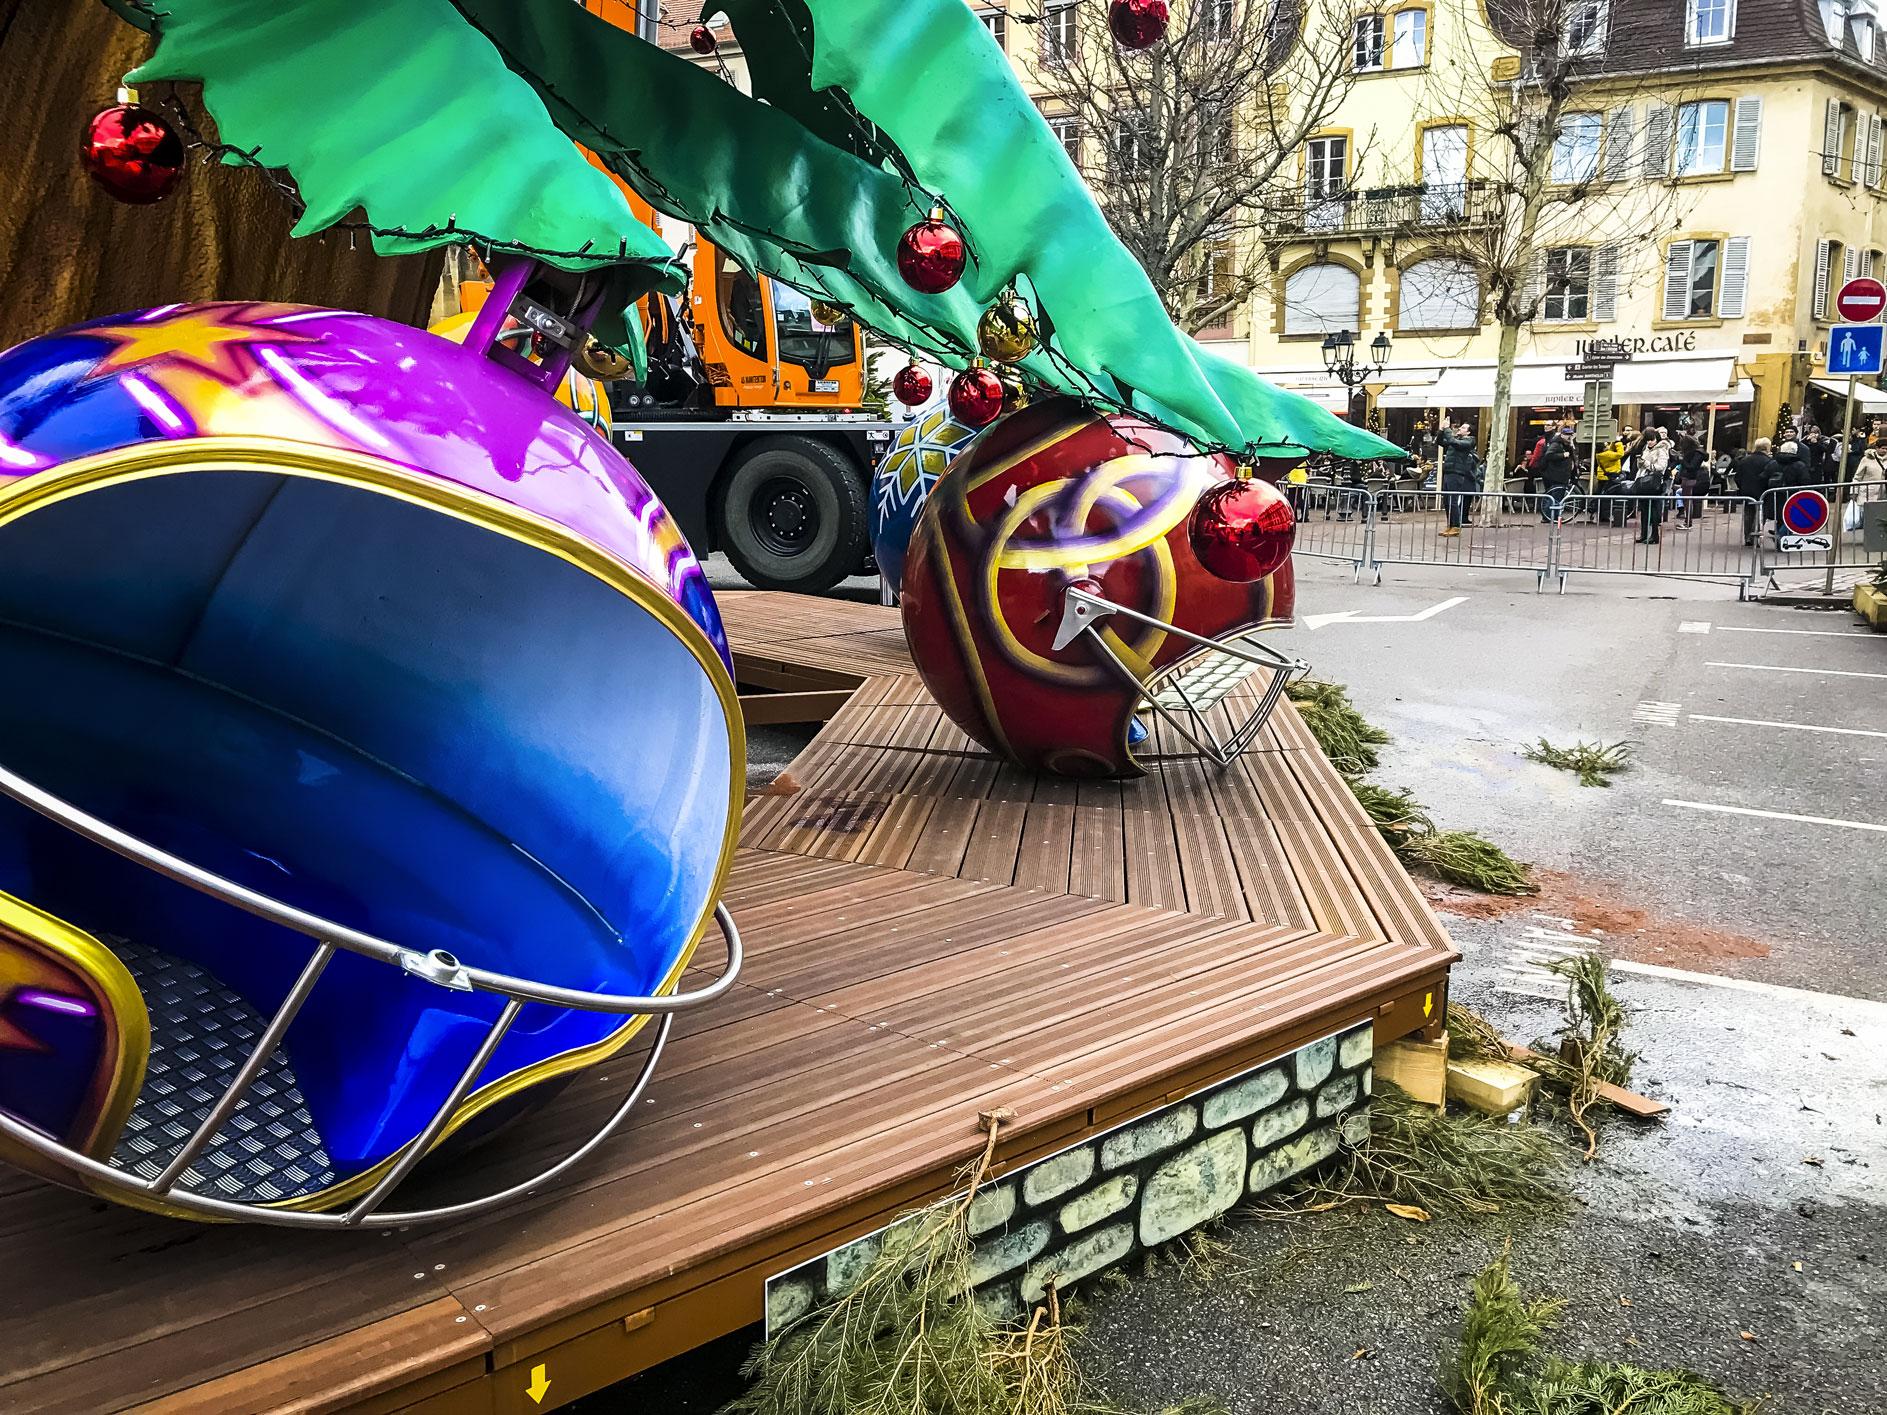 France festivités manège de forain sapin de noël